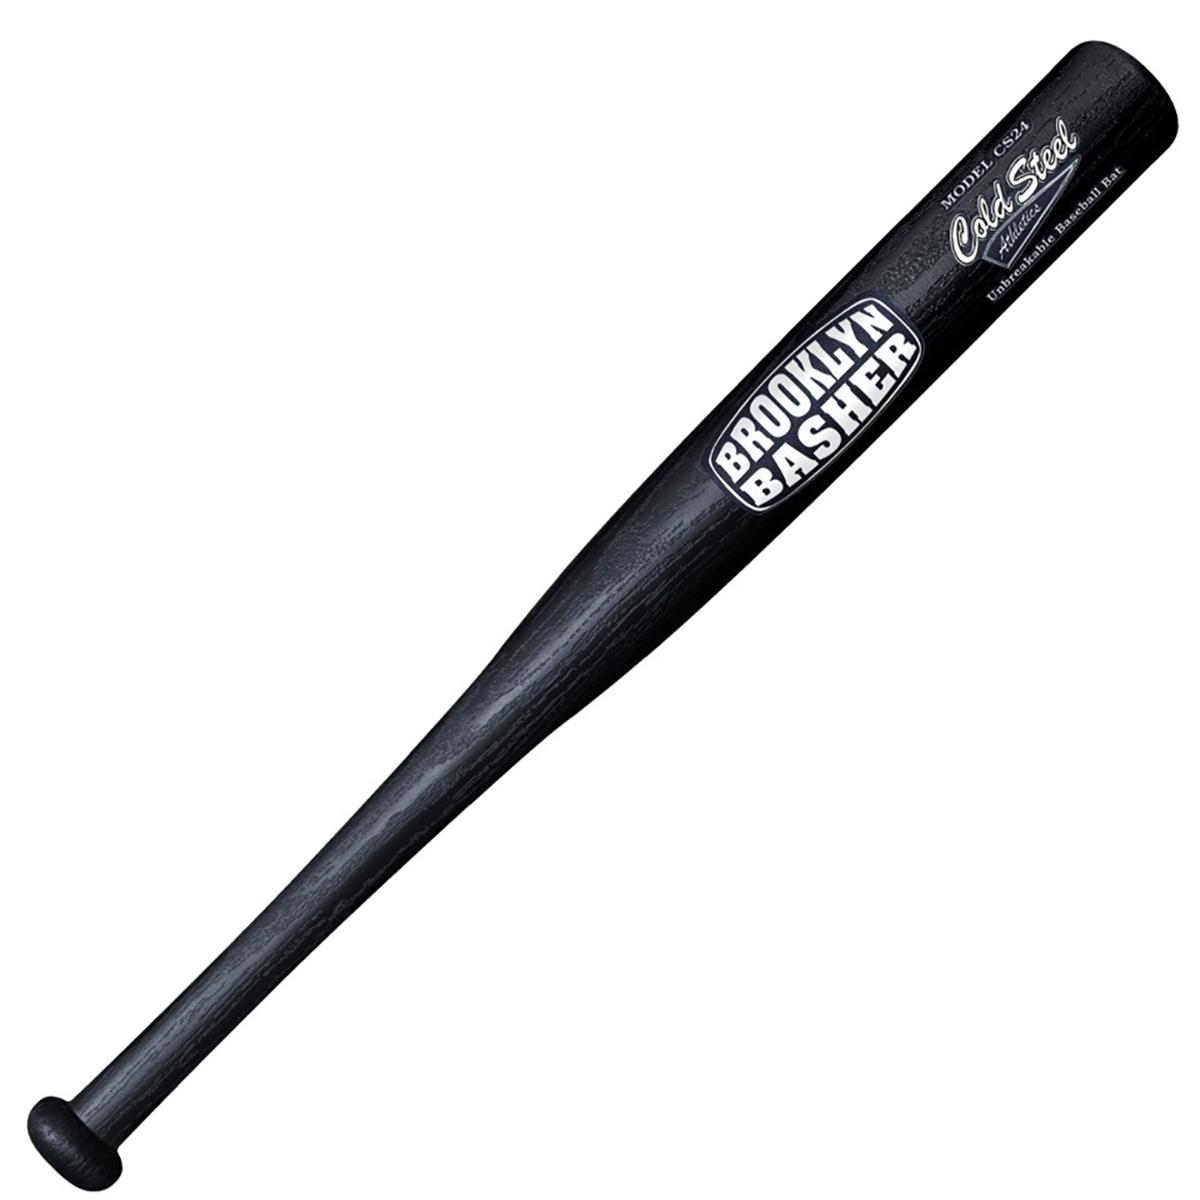 Бита бейсбольная Cold Steel Brooklyn Basher, 60,9 смCS/92BSBZБейсбольная бита Cold Steel Brooklyn Basher определенно вам понадобится, если вы собралисьприобщиться к такой увлекательной игре как бейсбол. Бита изготовлена из ударопрочногополипропилена путем точного литья подавлением, она не дает трещин, не коробится и нерасслаивается, как это бывает с деревянными битами, а благодаря своей текстуре,напоминающей дерево, и шнурку бита обеспечивает надежный, безопасный, нескользящий хватдаже если у вас холодные, мокрые или грязные руки.Сегодня профессиональный бейсболпривлекает на стадионы миллионы зрителей и развлекает миллионы людей, которые слушаютили смотрят трансляции по радио и телевидению. Длина: 60,9 см.